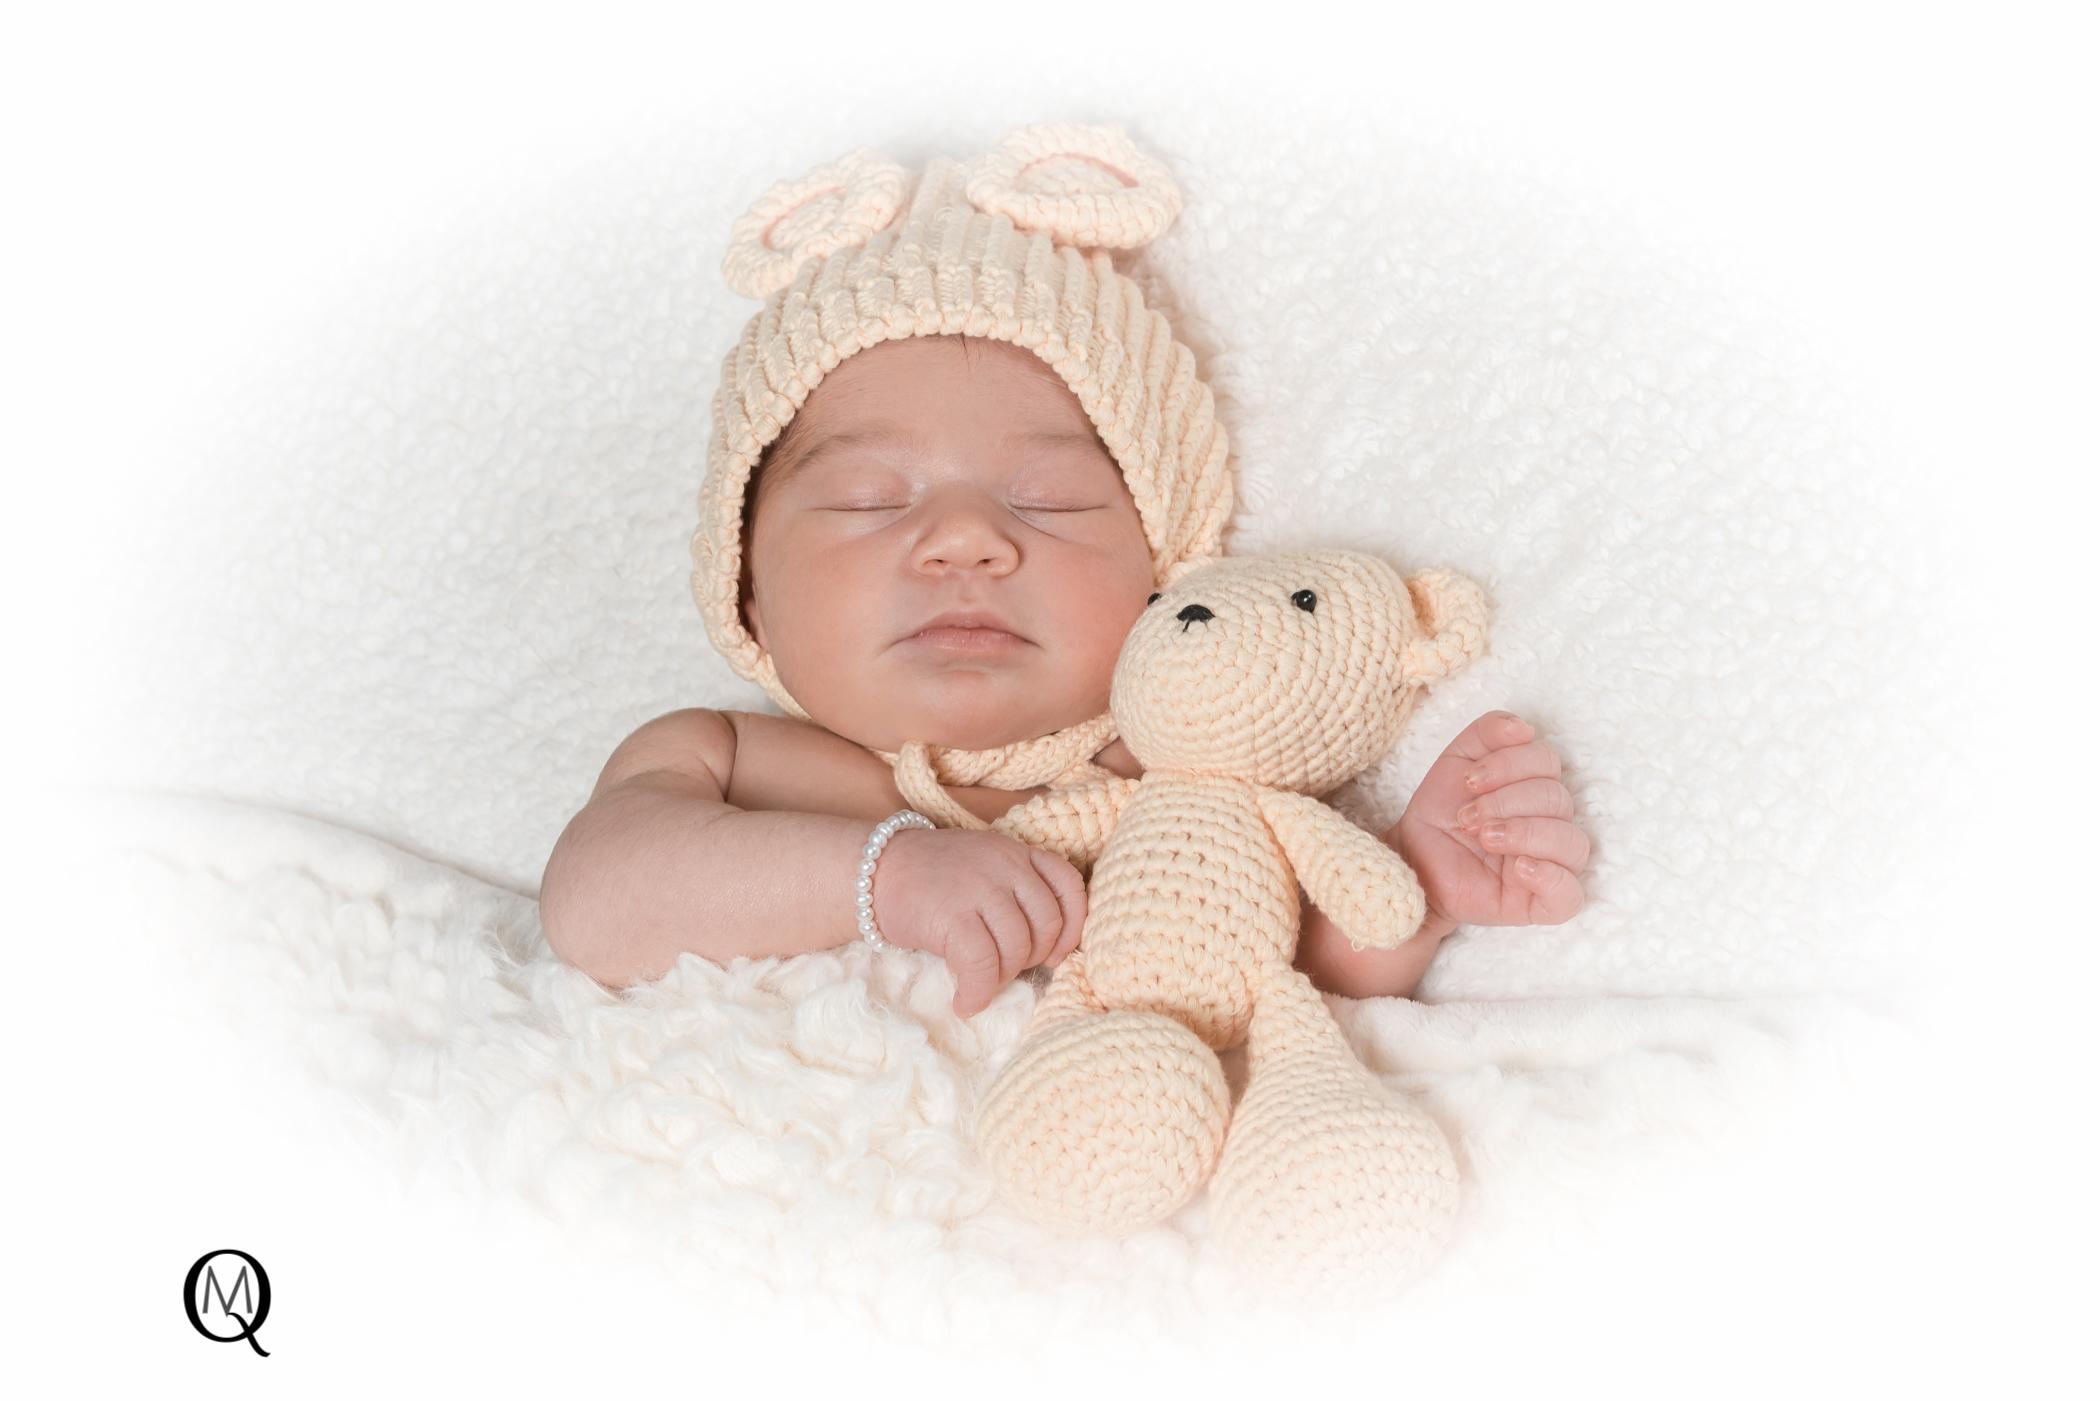 Newborn Photographer in Marlton NJ